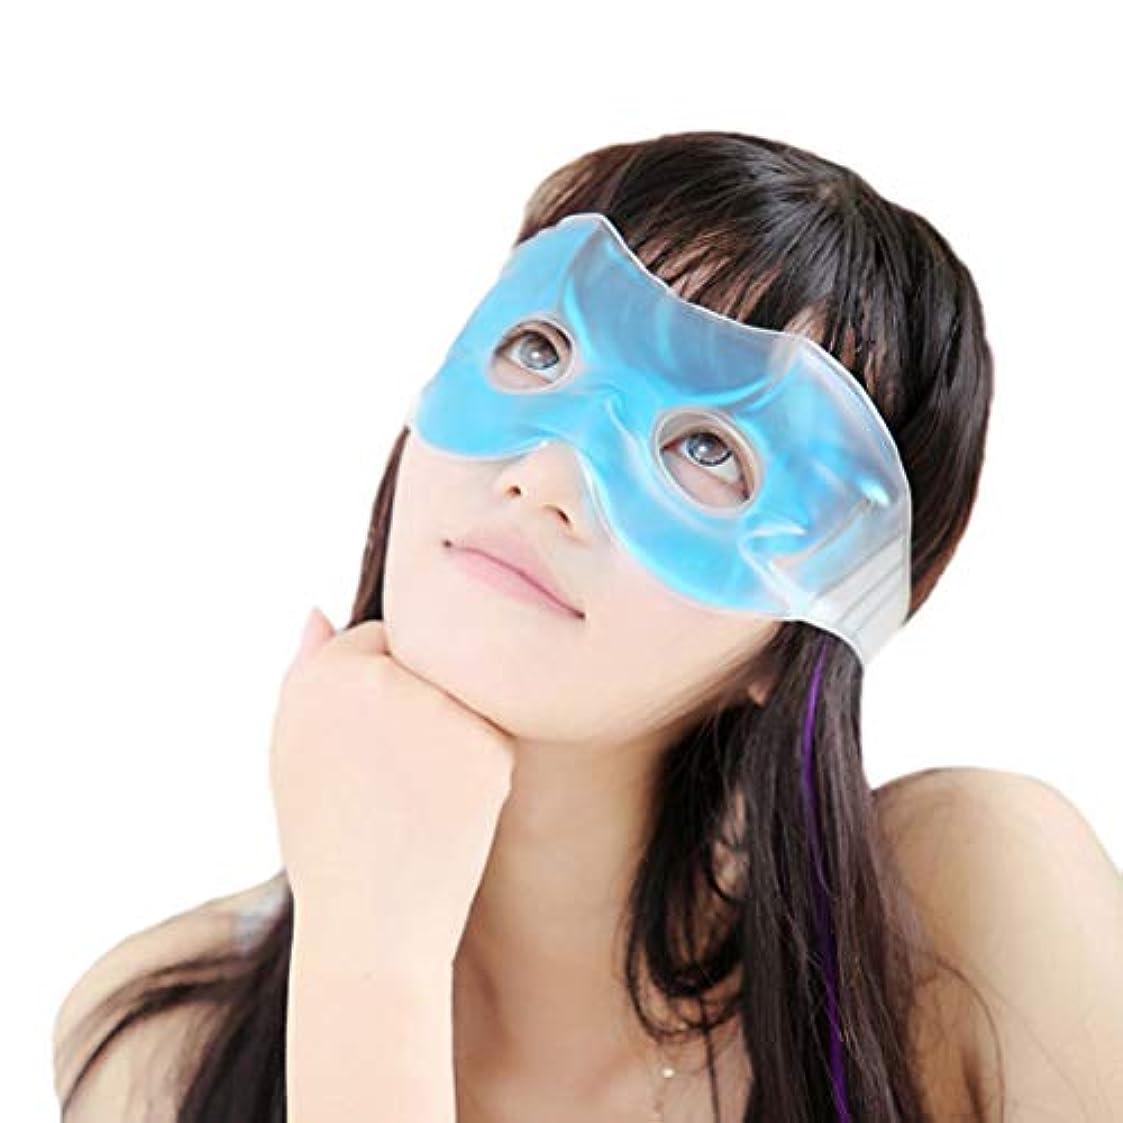 四メリー判決Heallilyアイスアイマスク睡眠アイスパッチ冷却リラックスブラインド快適なパッチ用アイパフネスダークサークル